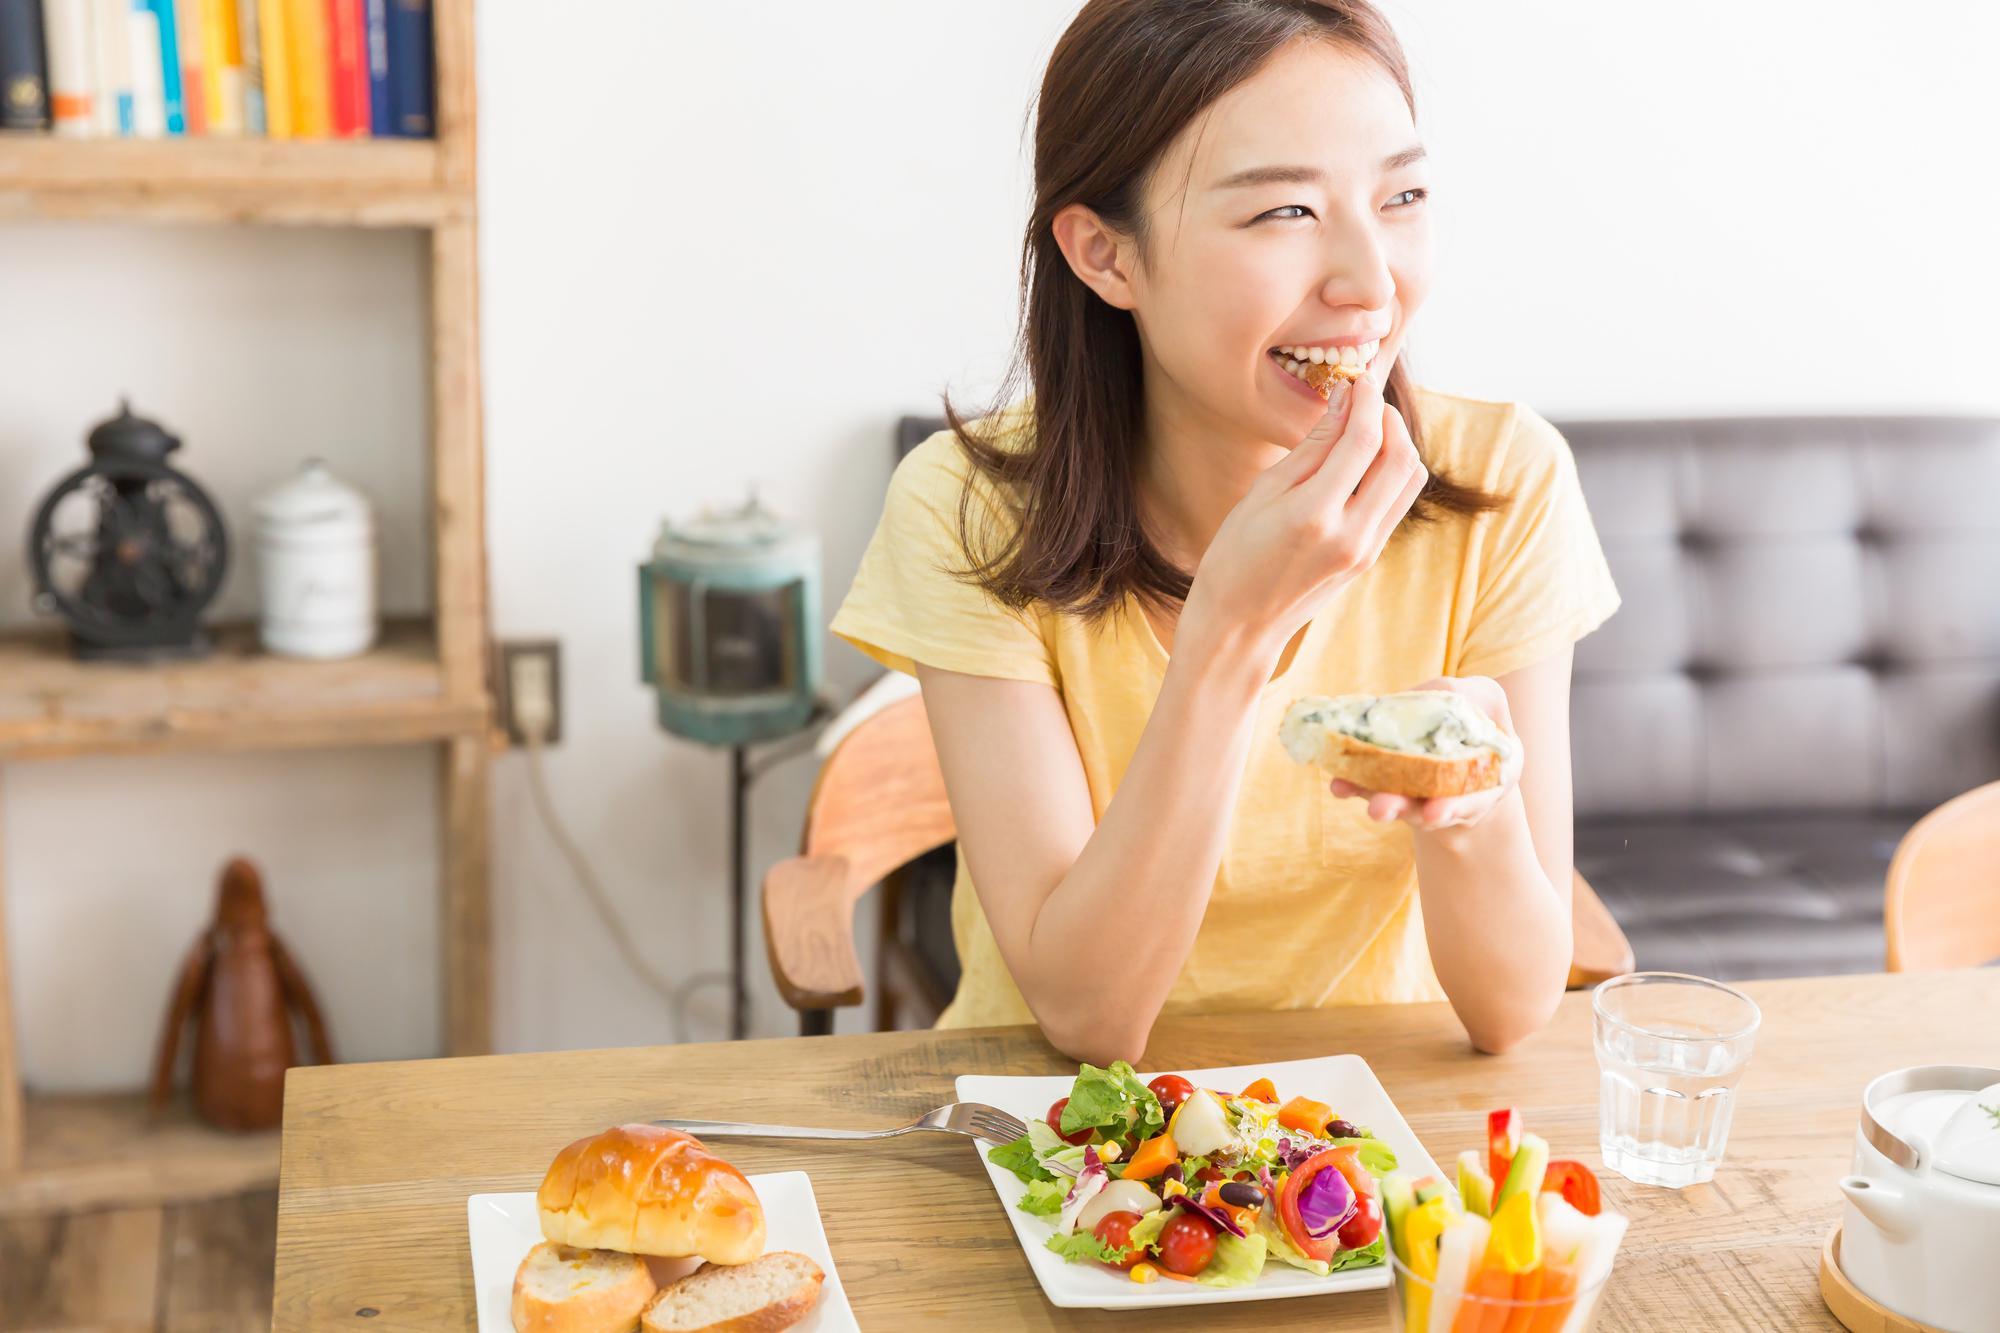 笑顔で食事をする女性